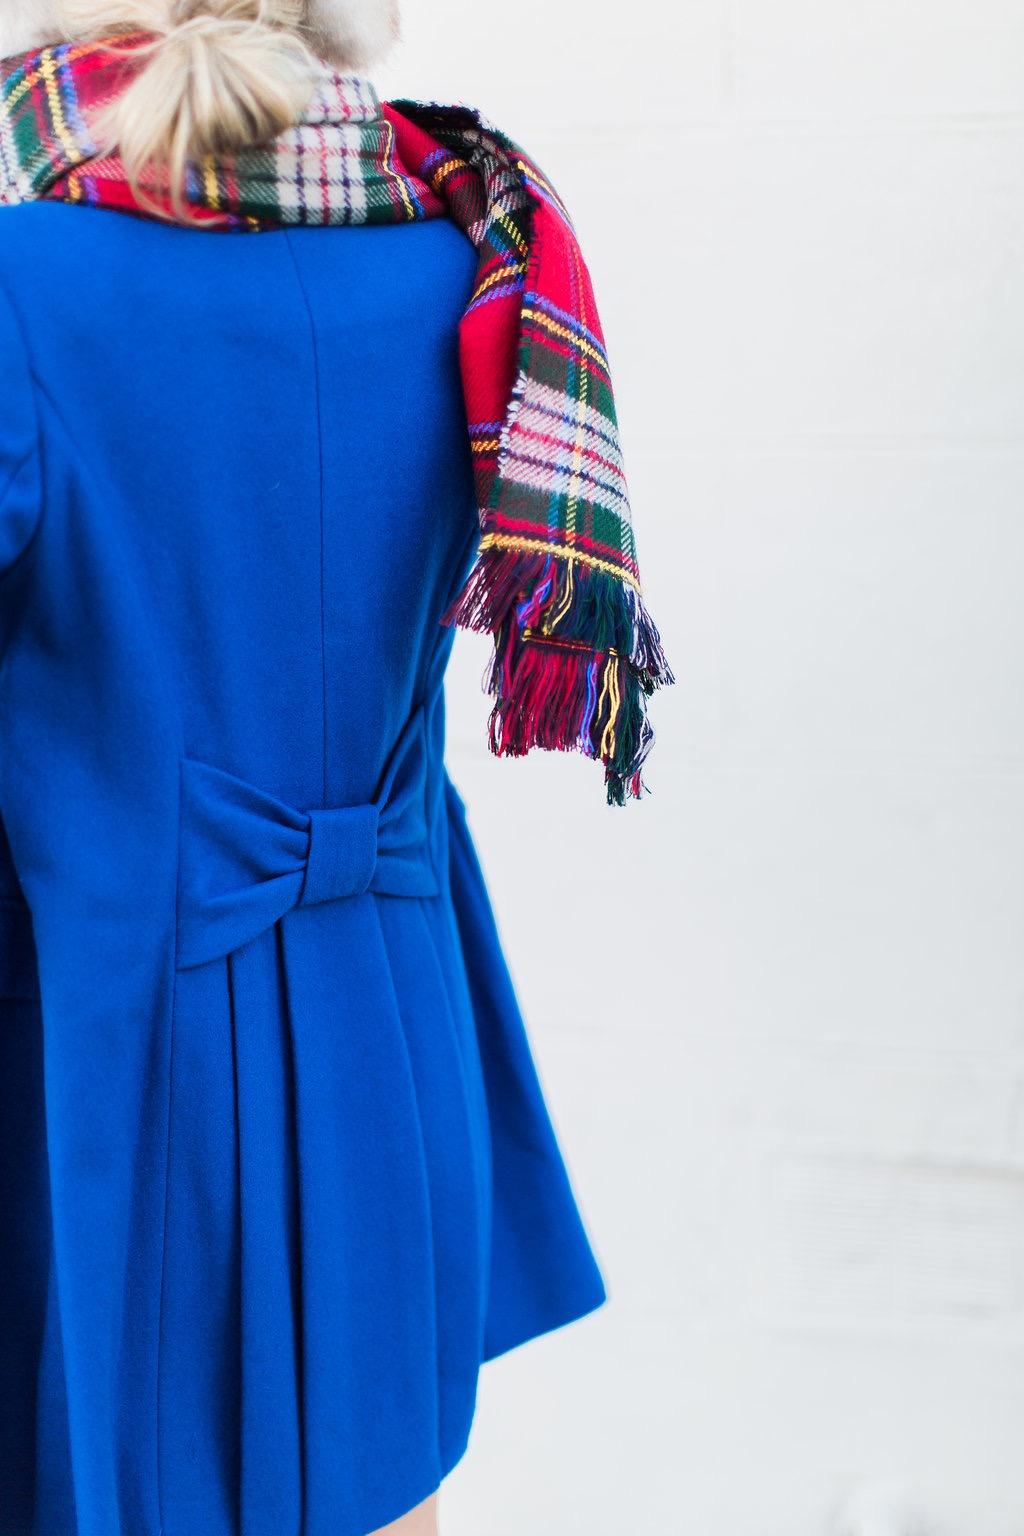 coat-bow